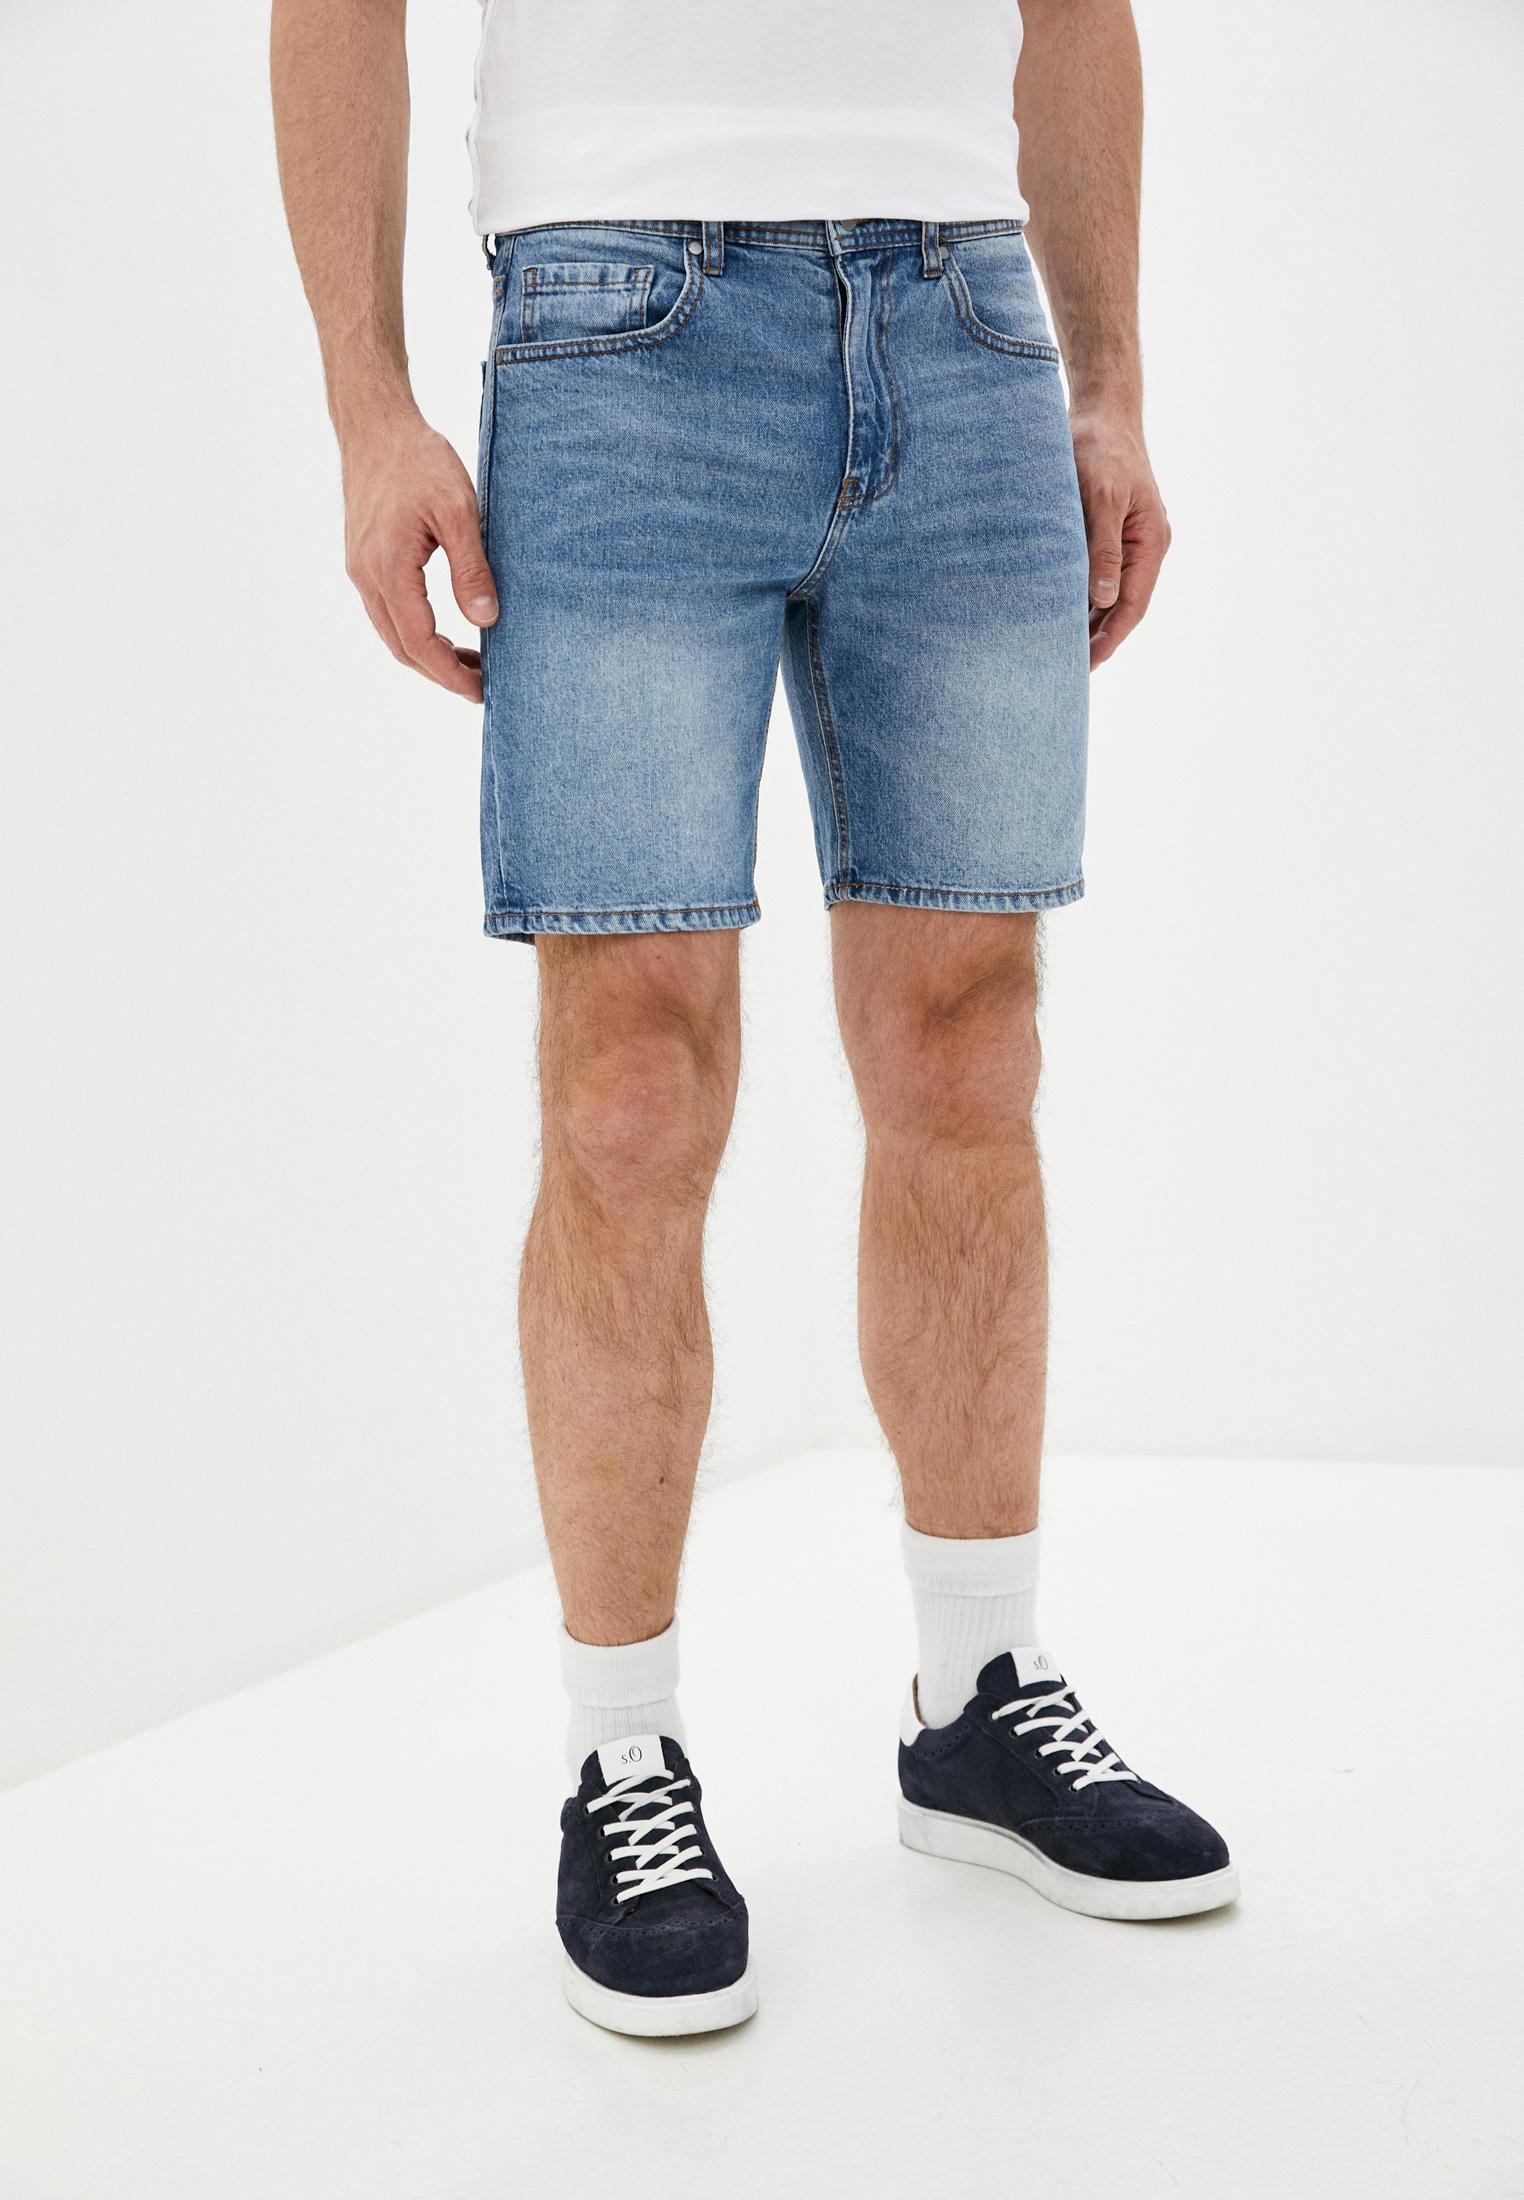 Мужские джинсовые шорты Cotton On 363618-18